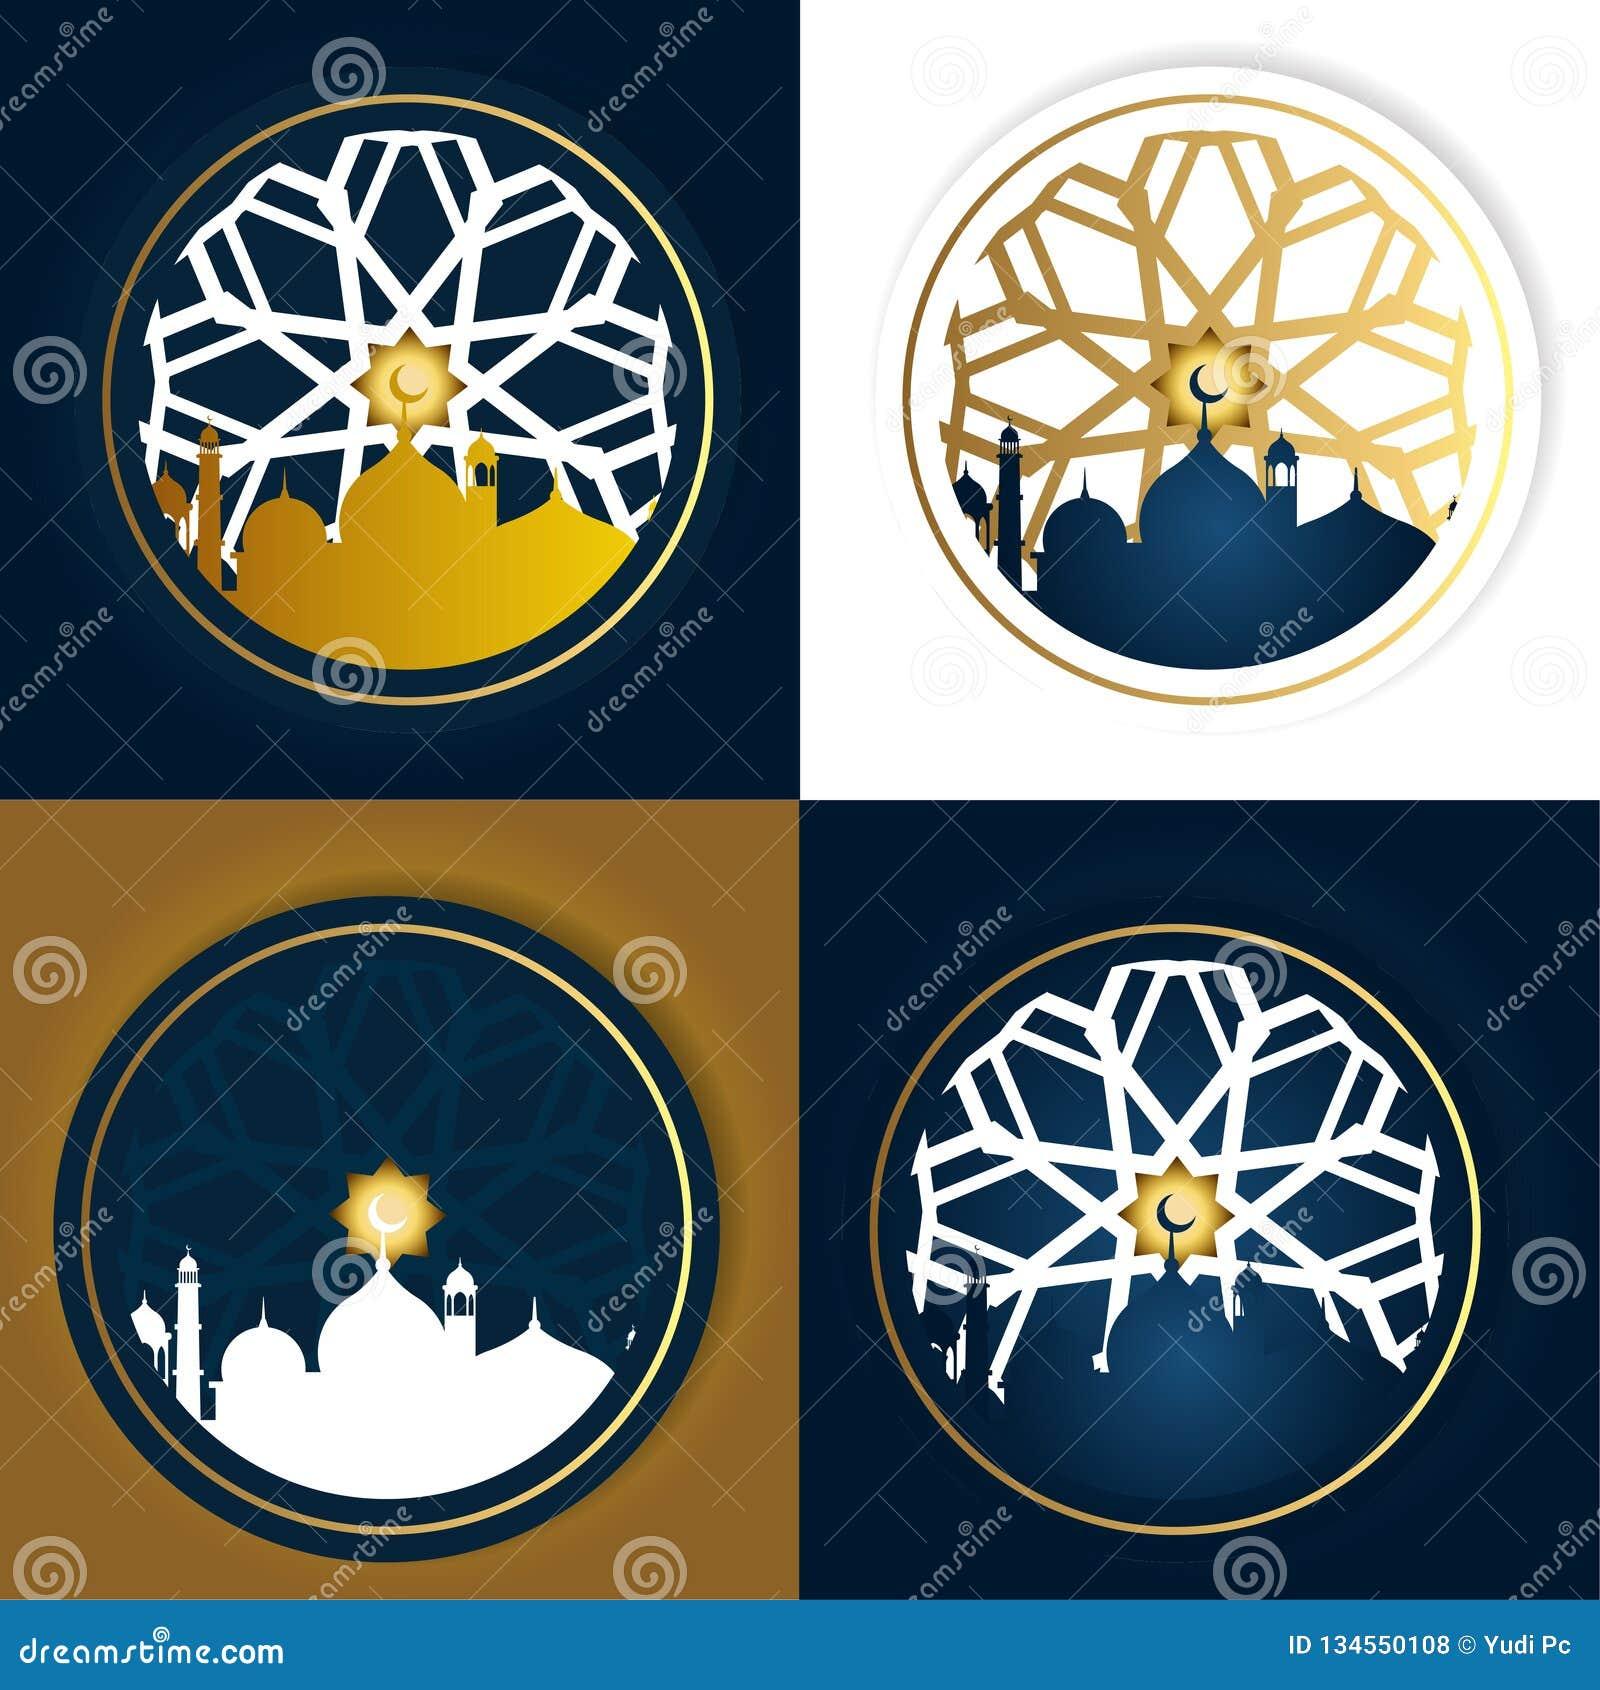 Download 61 Background Biru Gold Gratis